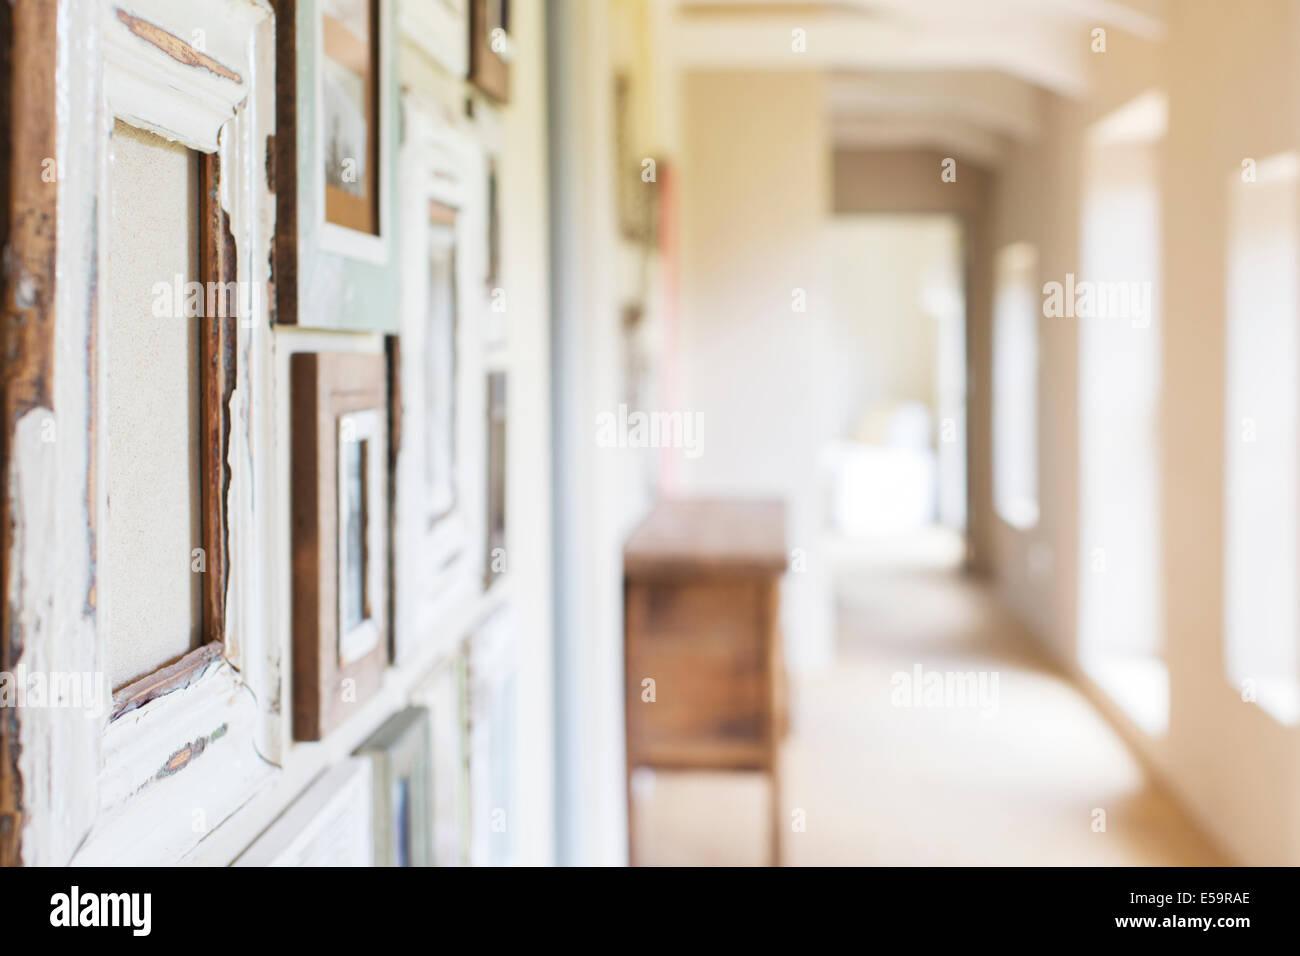 Cadres muraux décoratifs dans couloir rustique Photo Stock